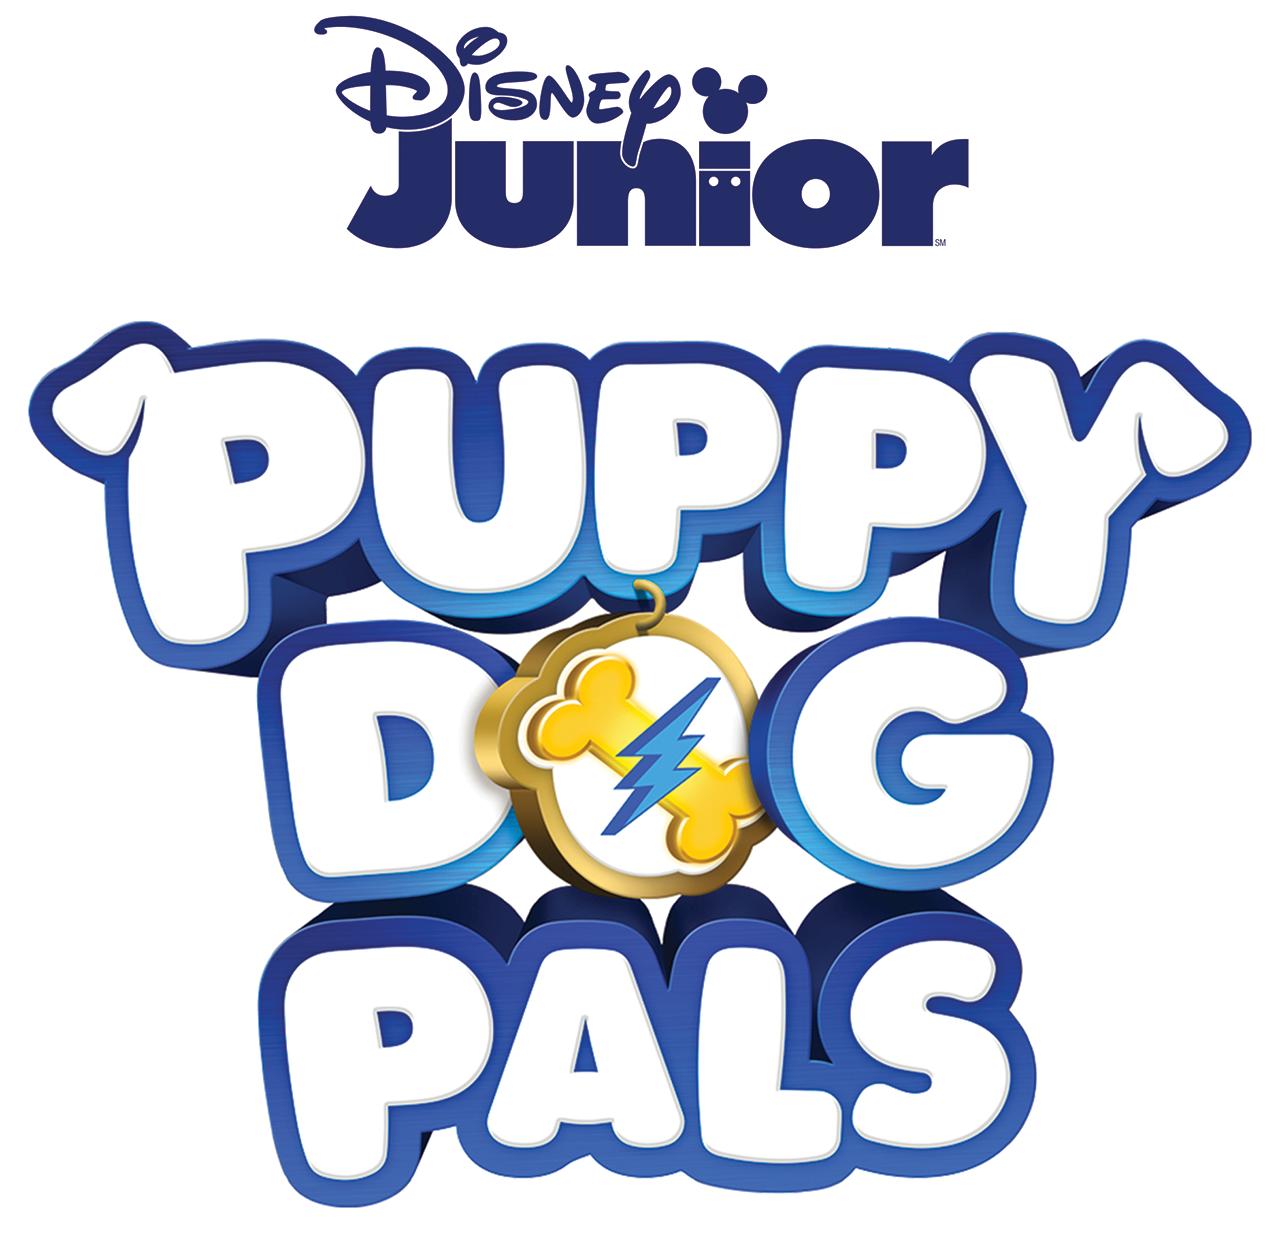 Disney Puppy Dog Pals